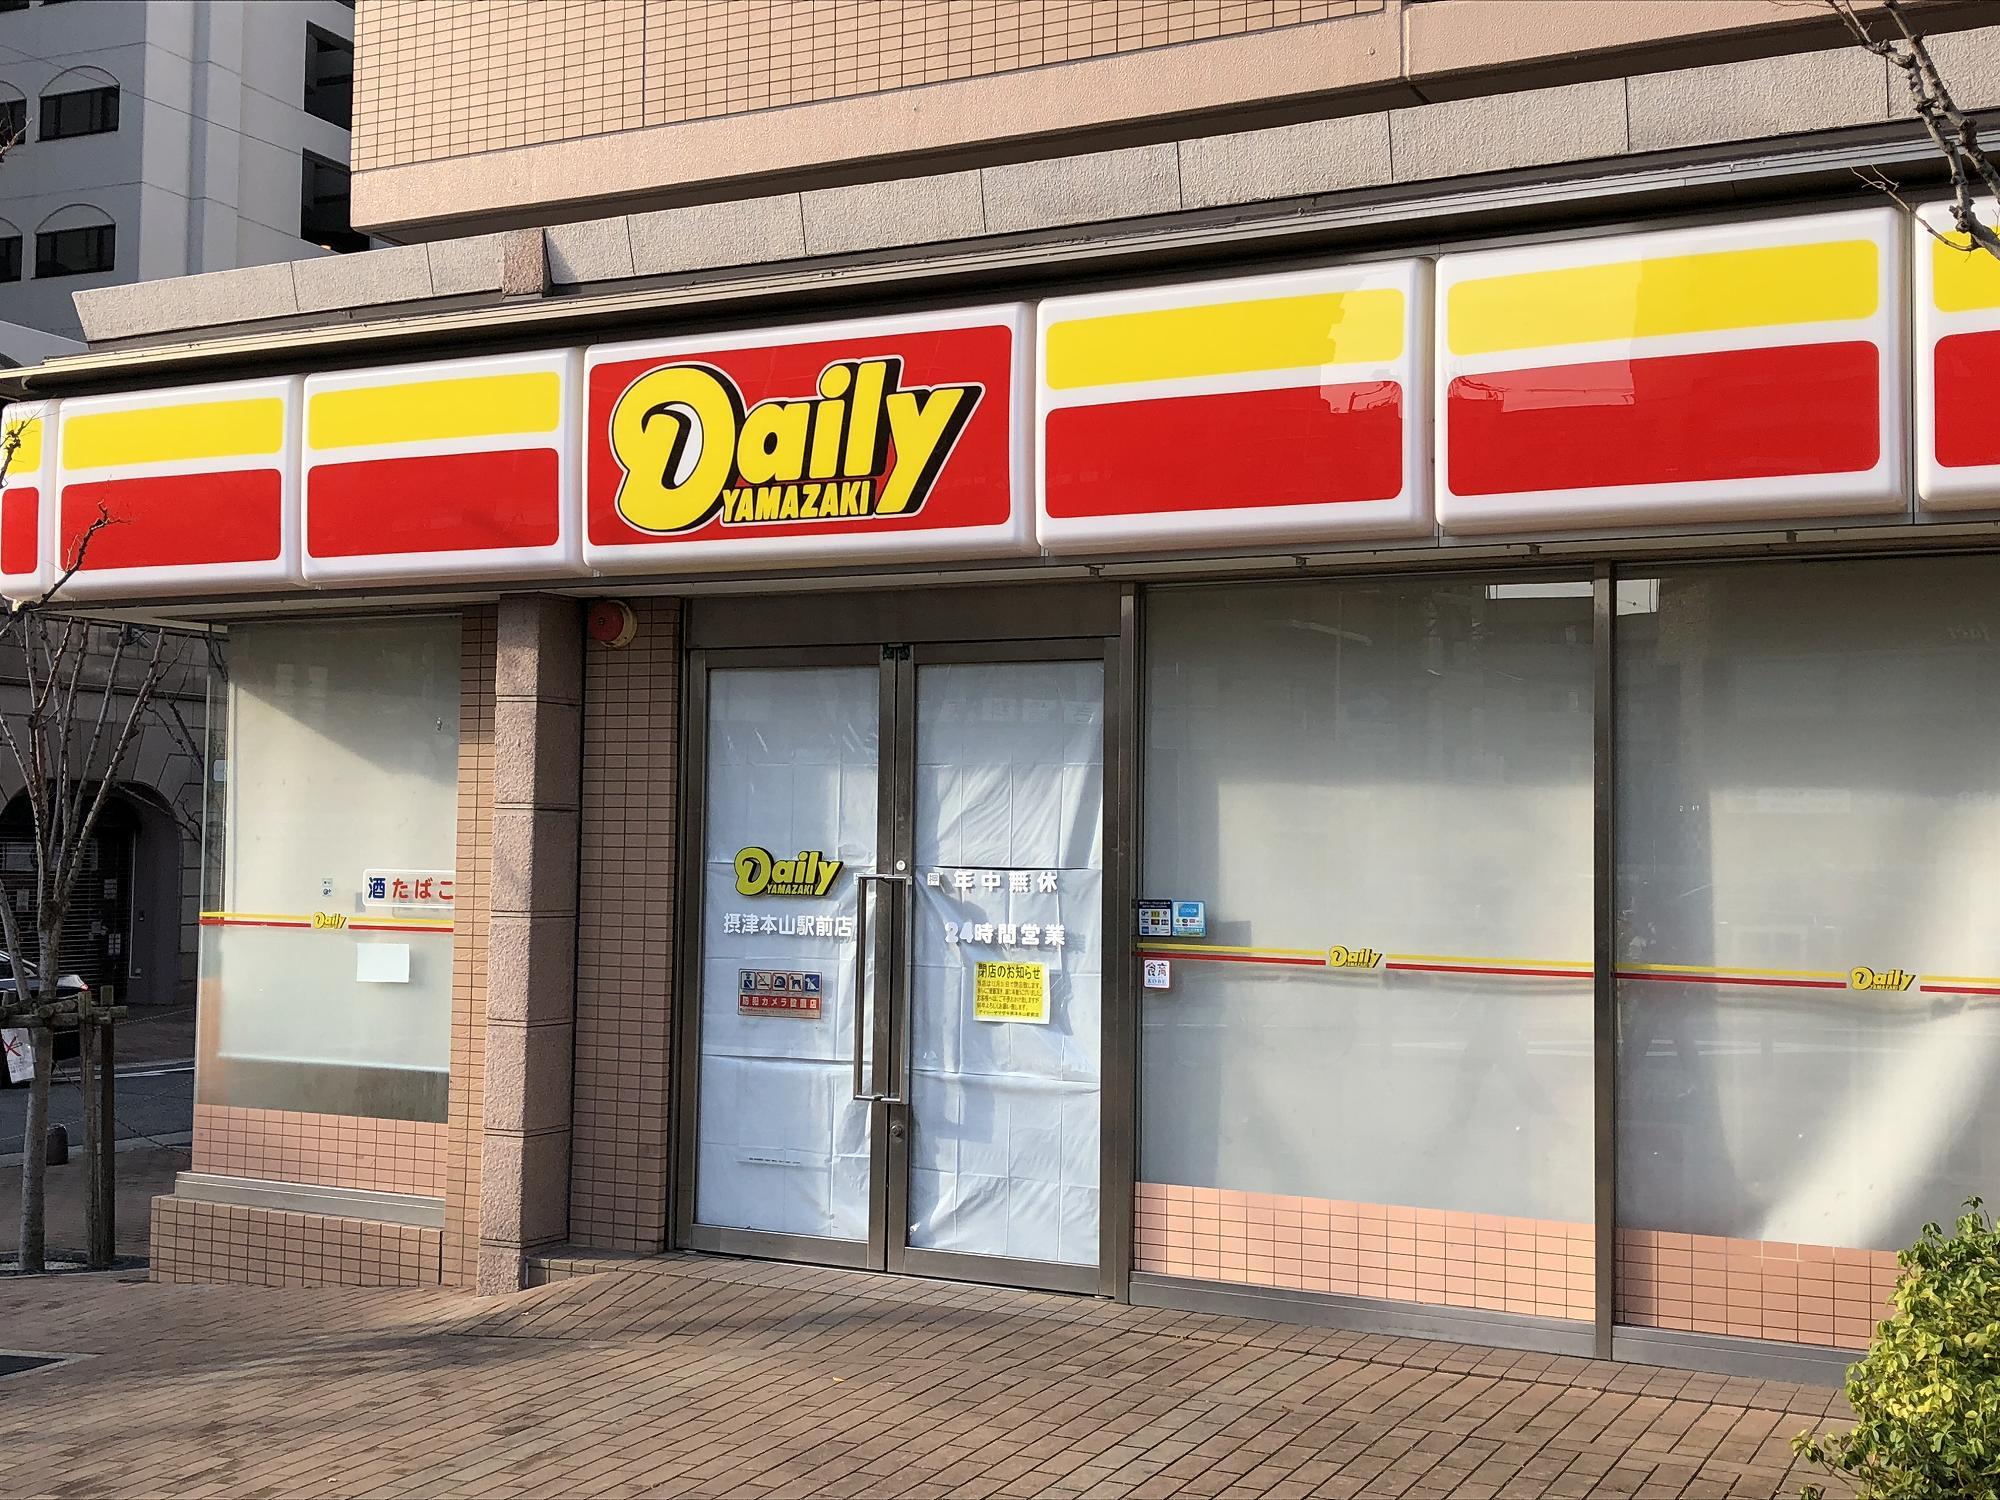 デイリーヤマザキ摂津本山駅前店が12/31で閉店したよ #閉店情報 #摂津本山 #コンビニ